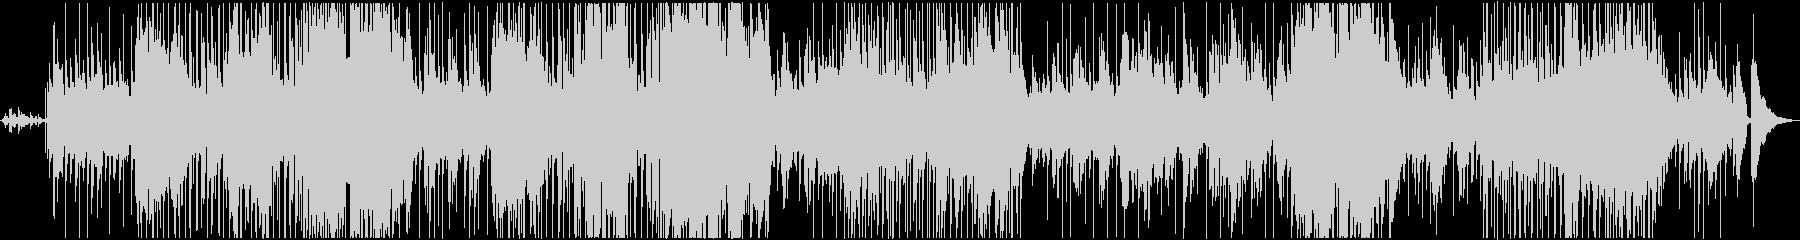 ピアノのヒット、バグパイプ、フルー...の未再生の波形